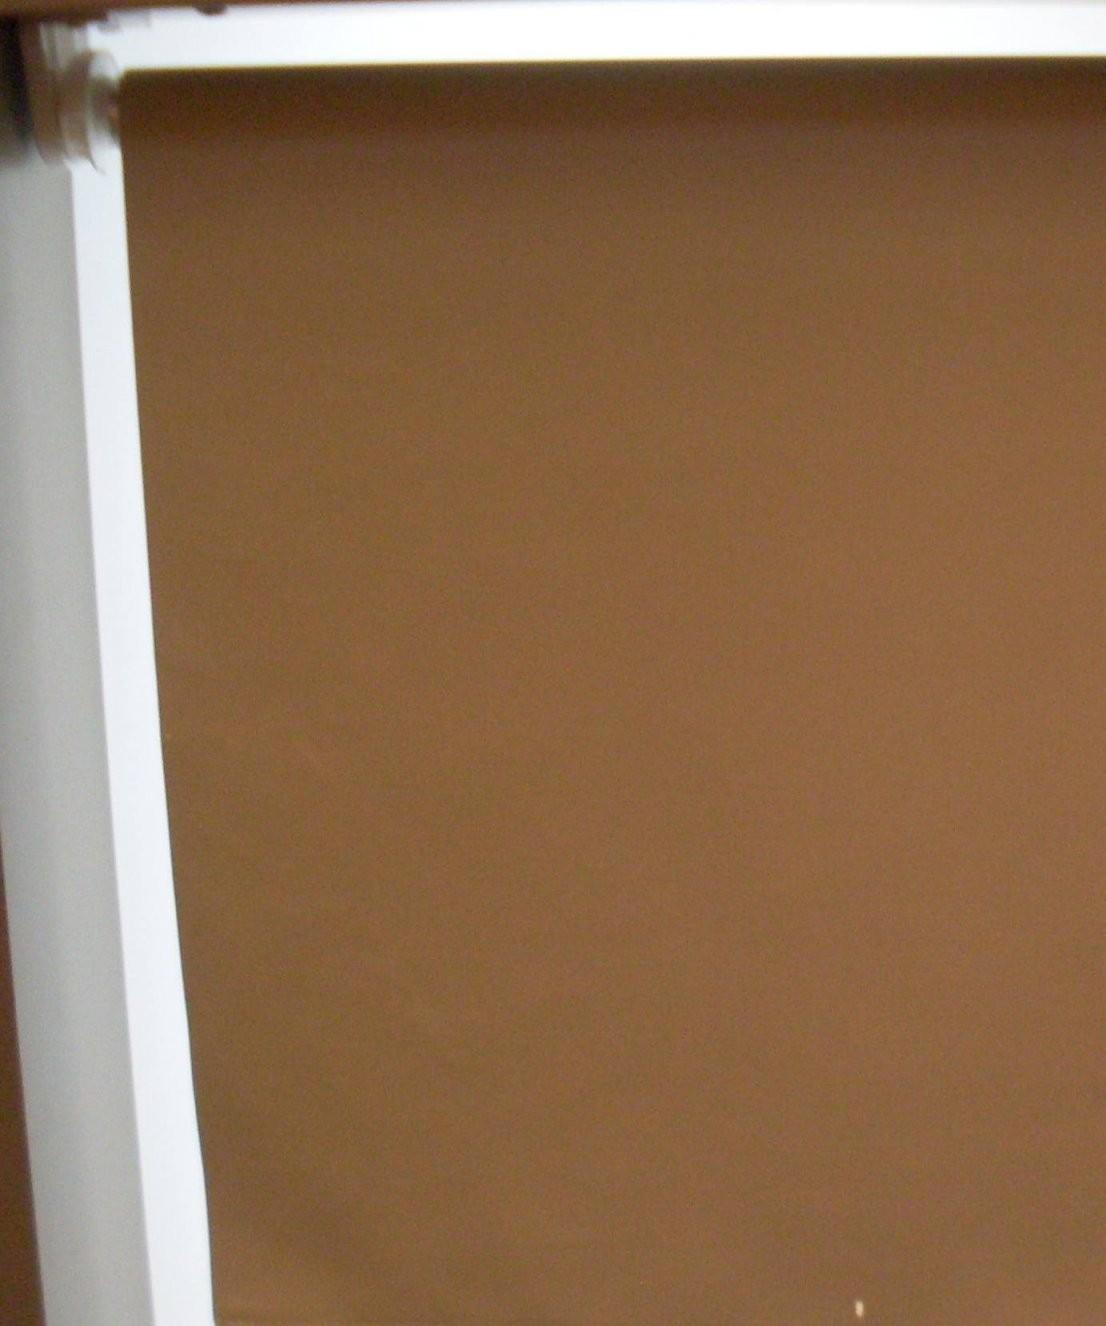 37 Ideen Zum Seitlicher Sichtschutz Für Balkon Ohne Bohren von Sichtschutz Balkon Ohne Bohren Photo